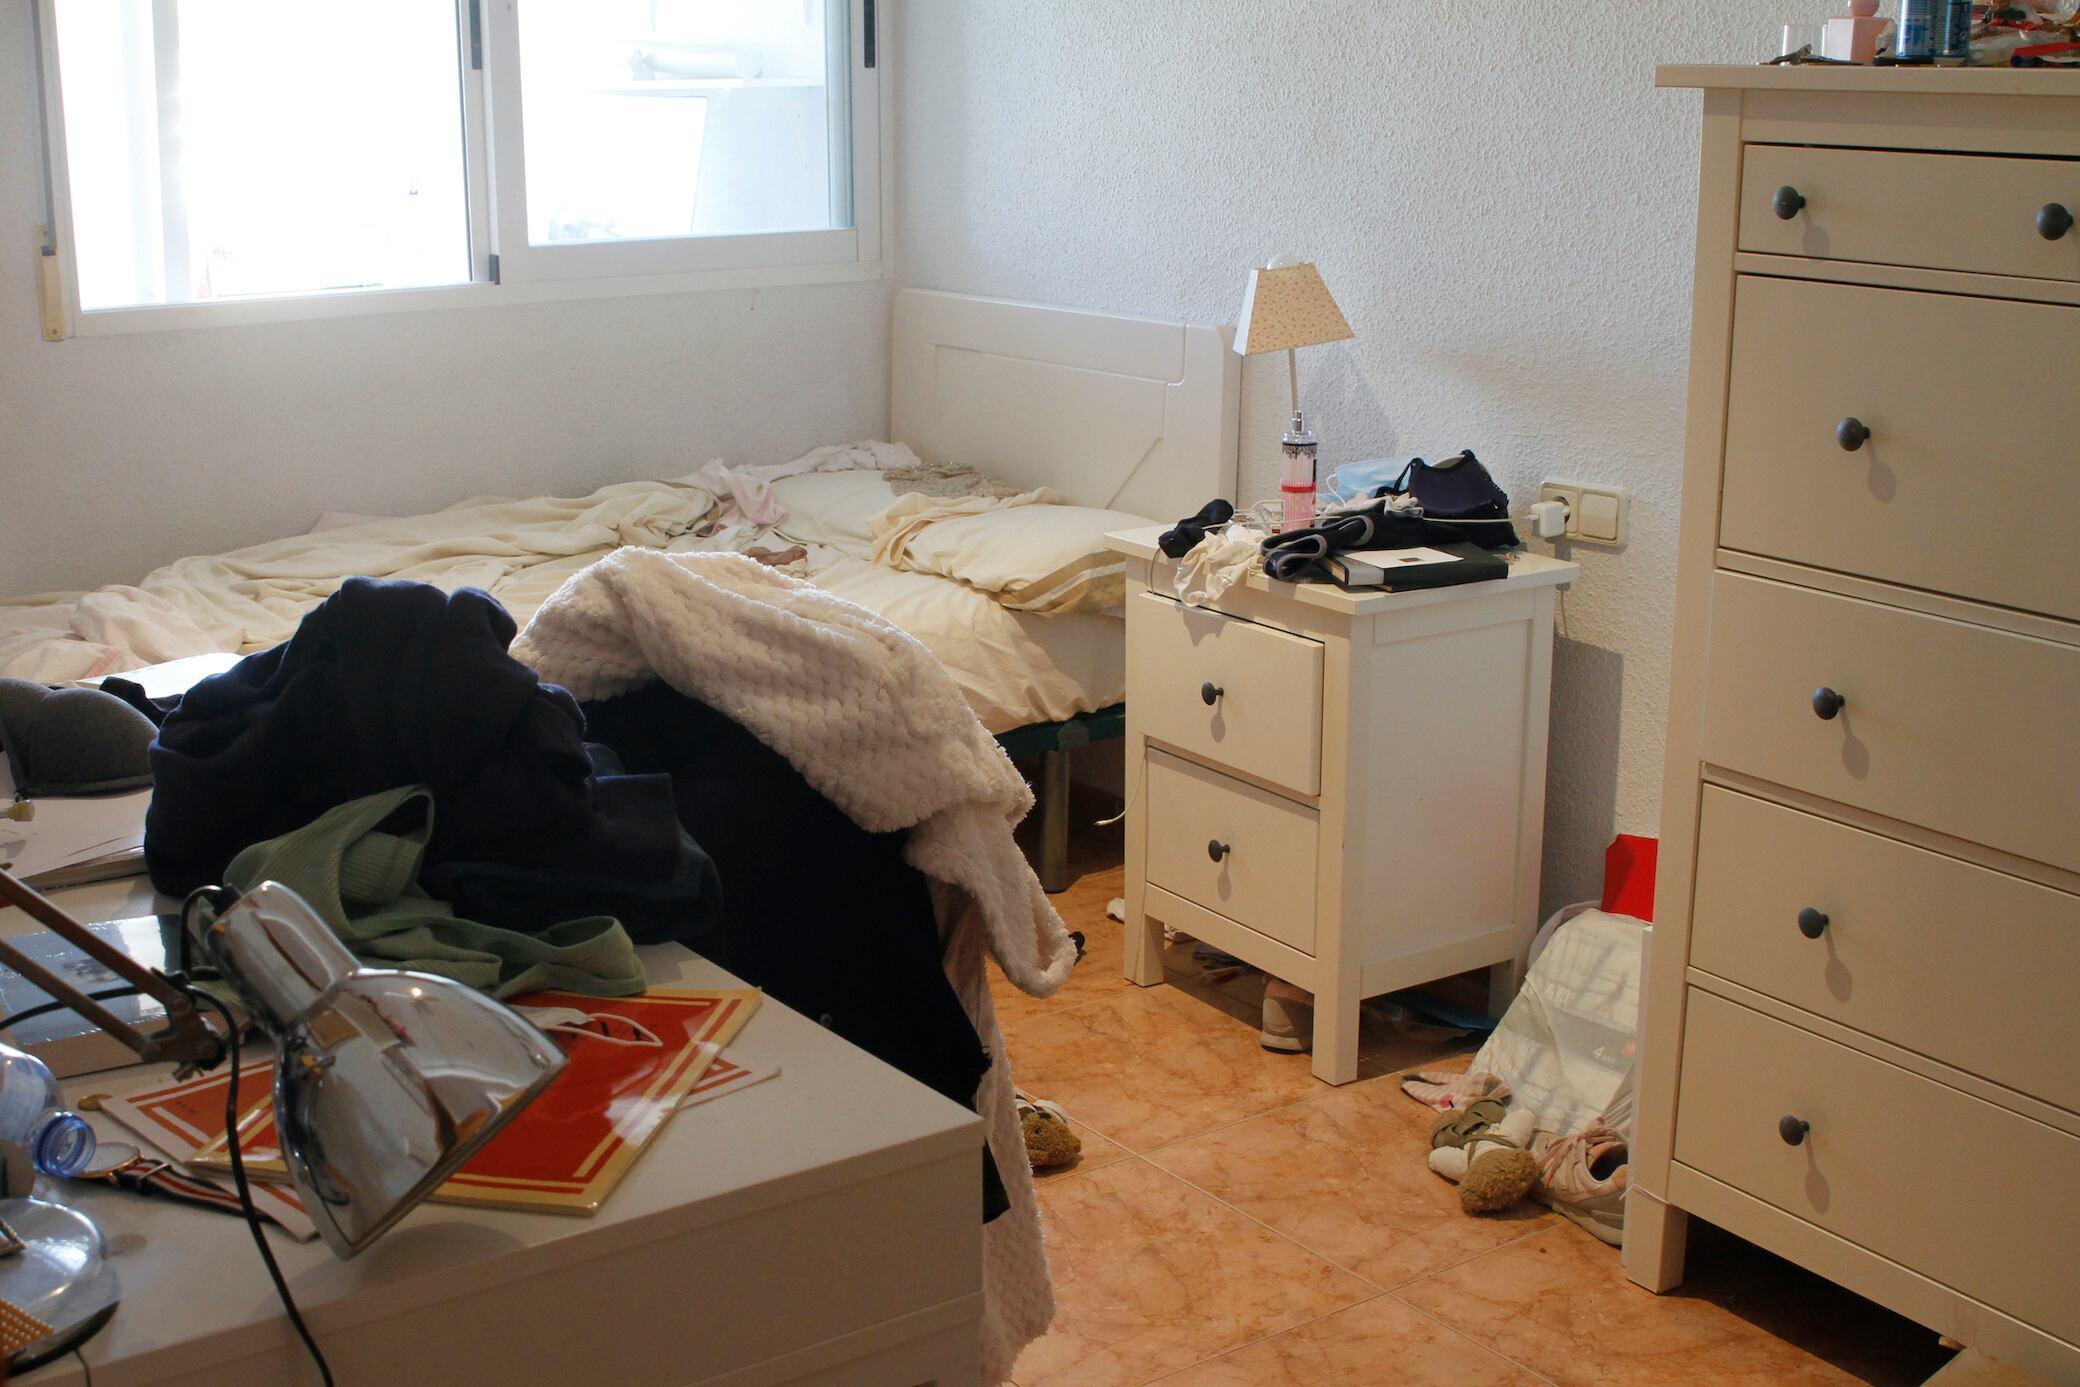 Umfrage: Mehrheit macht Schmutz zu Hause schlechte Laune